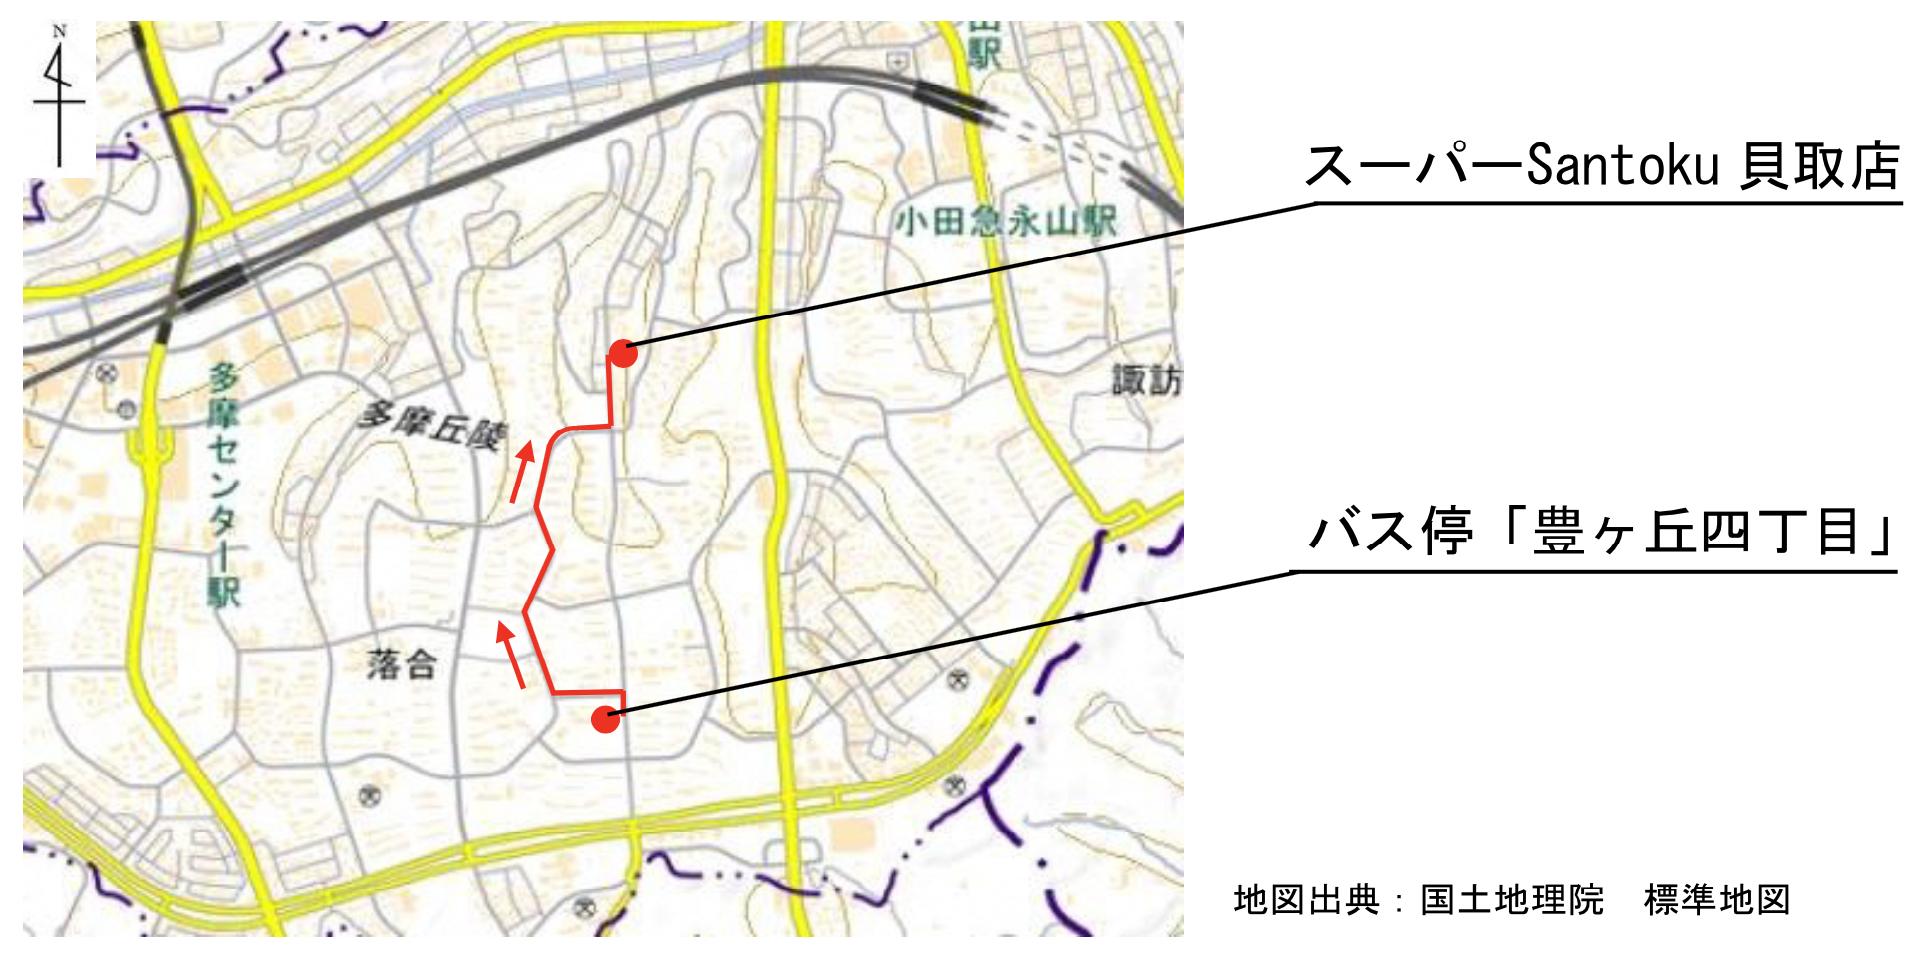 神奈川中央交通株式会社プレスリリースより出典